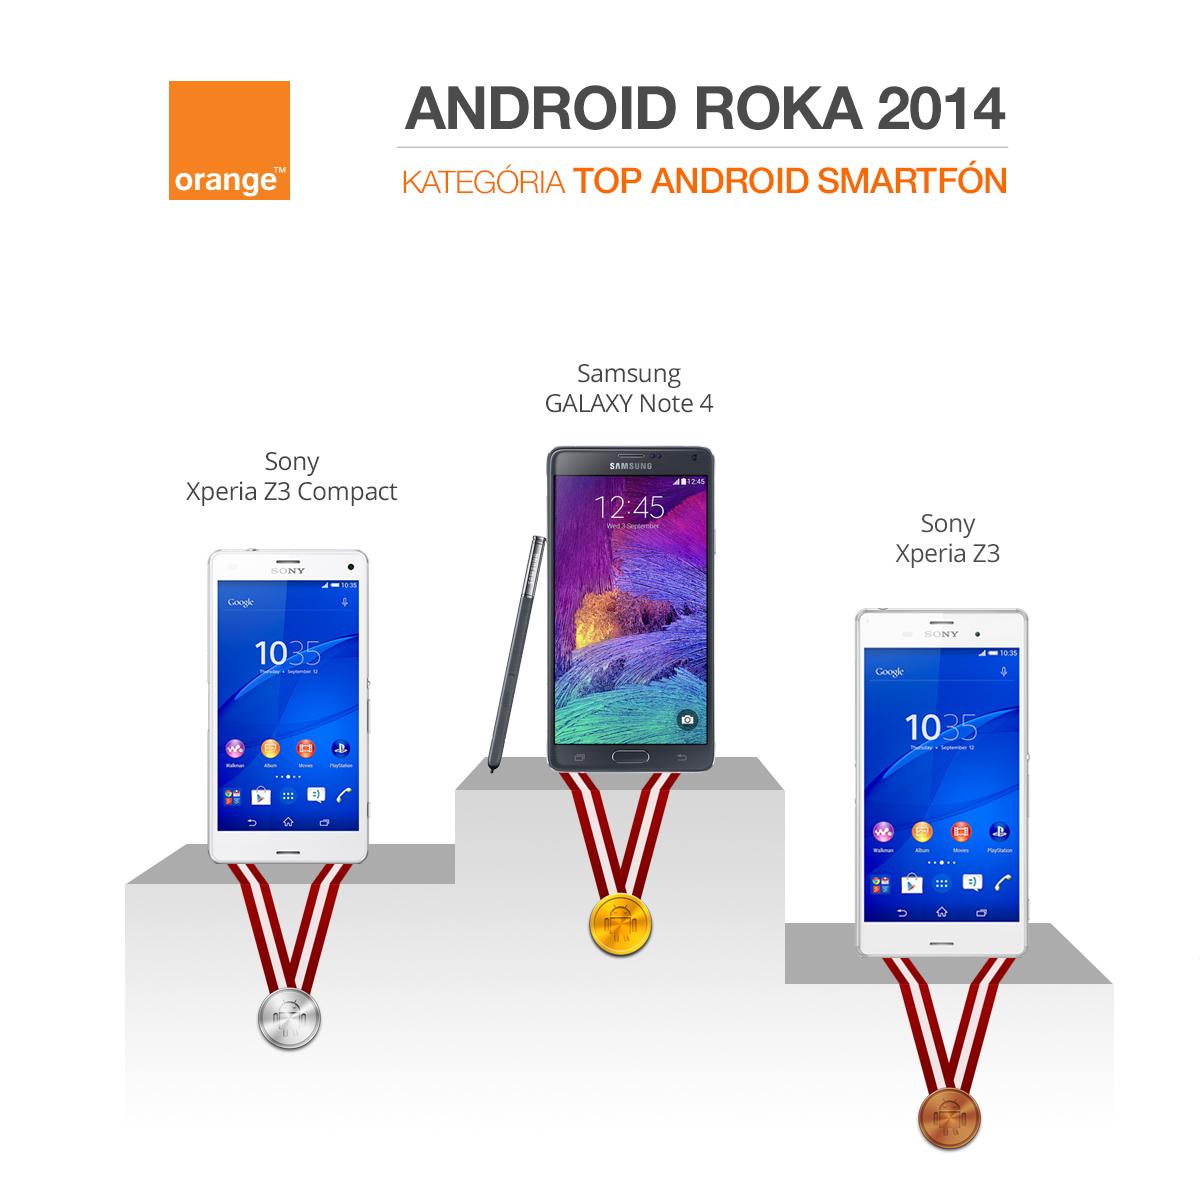 android roka 2014-top